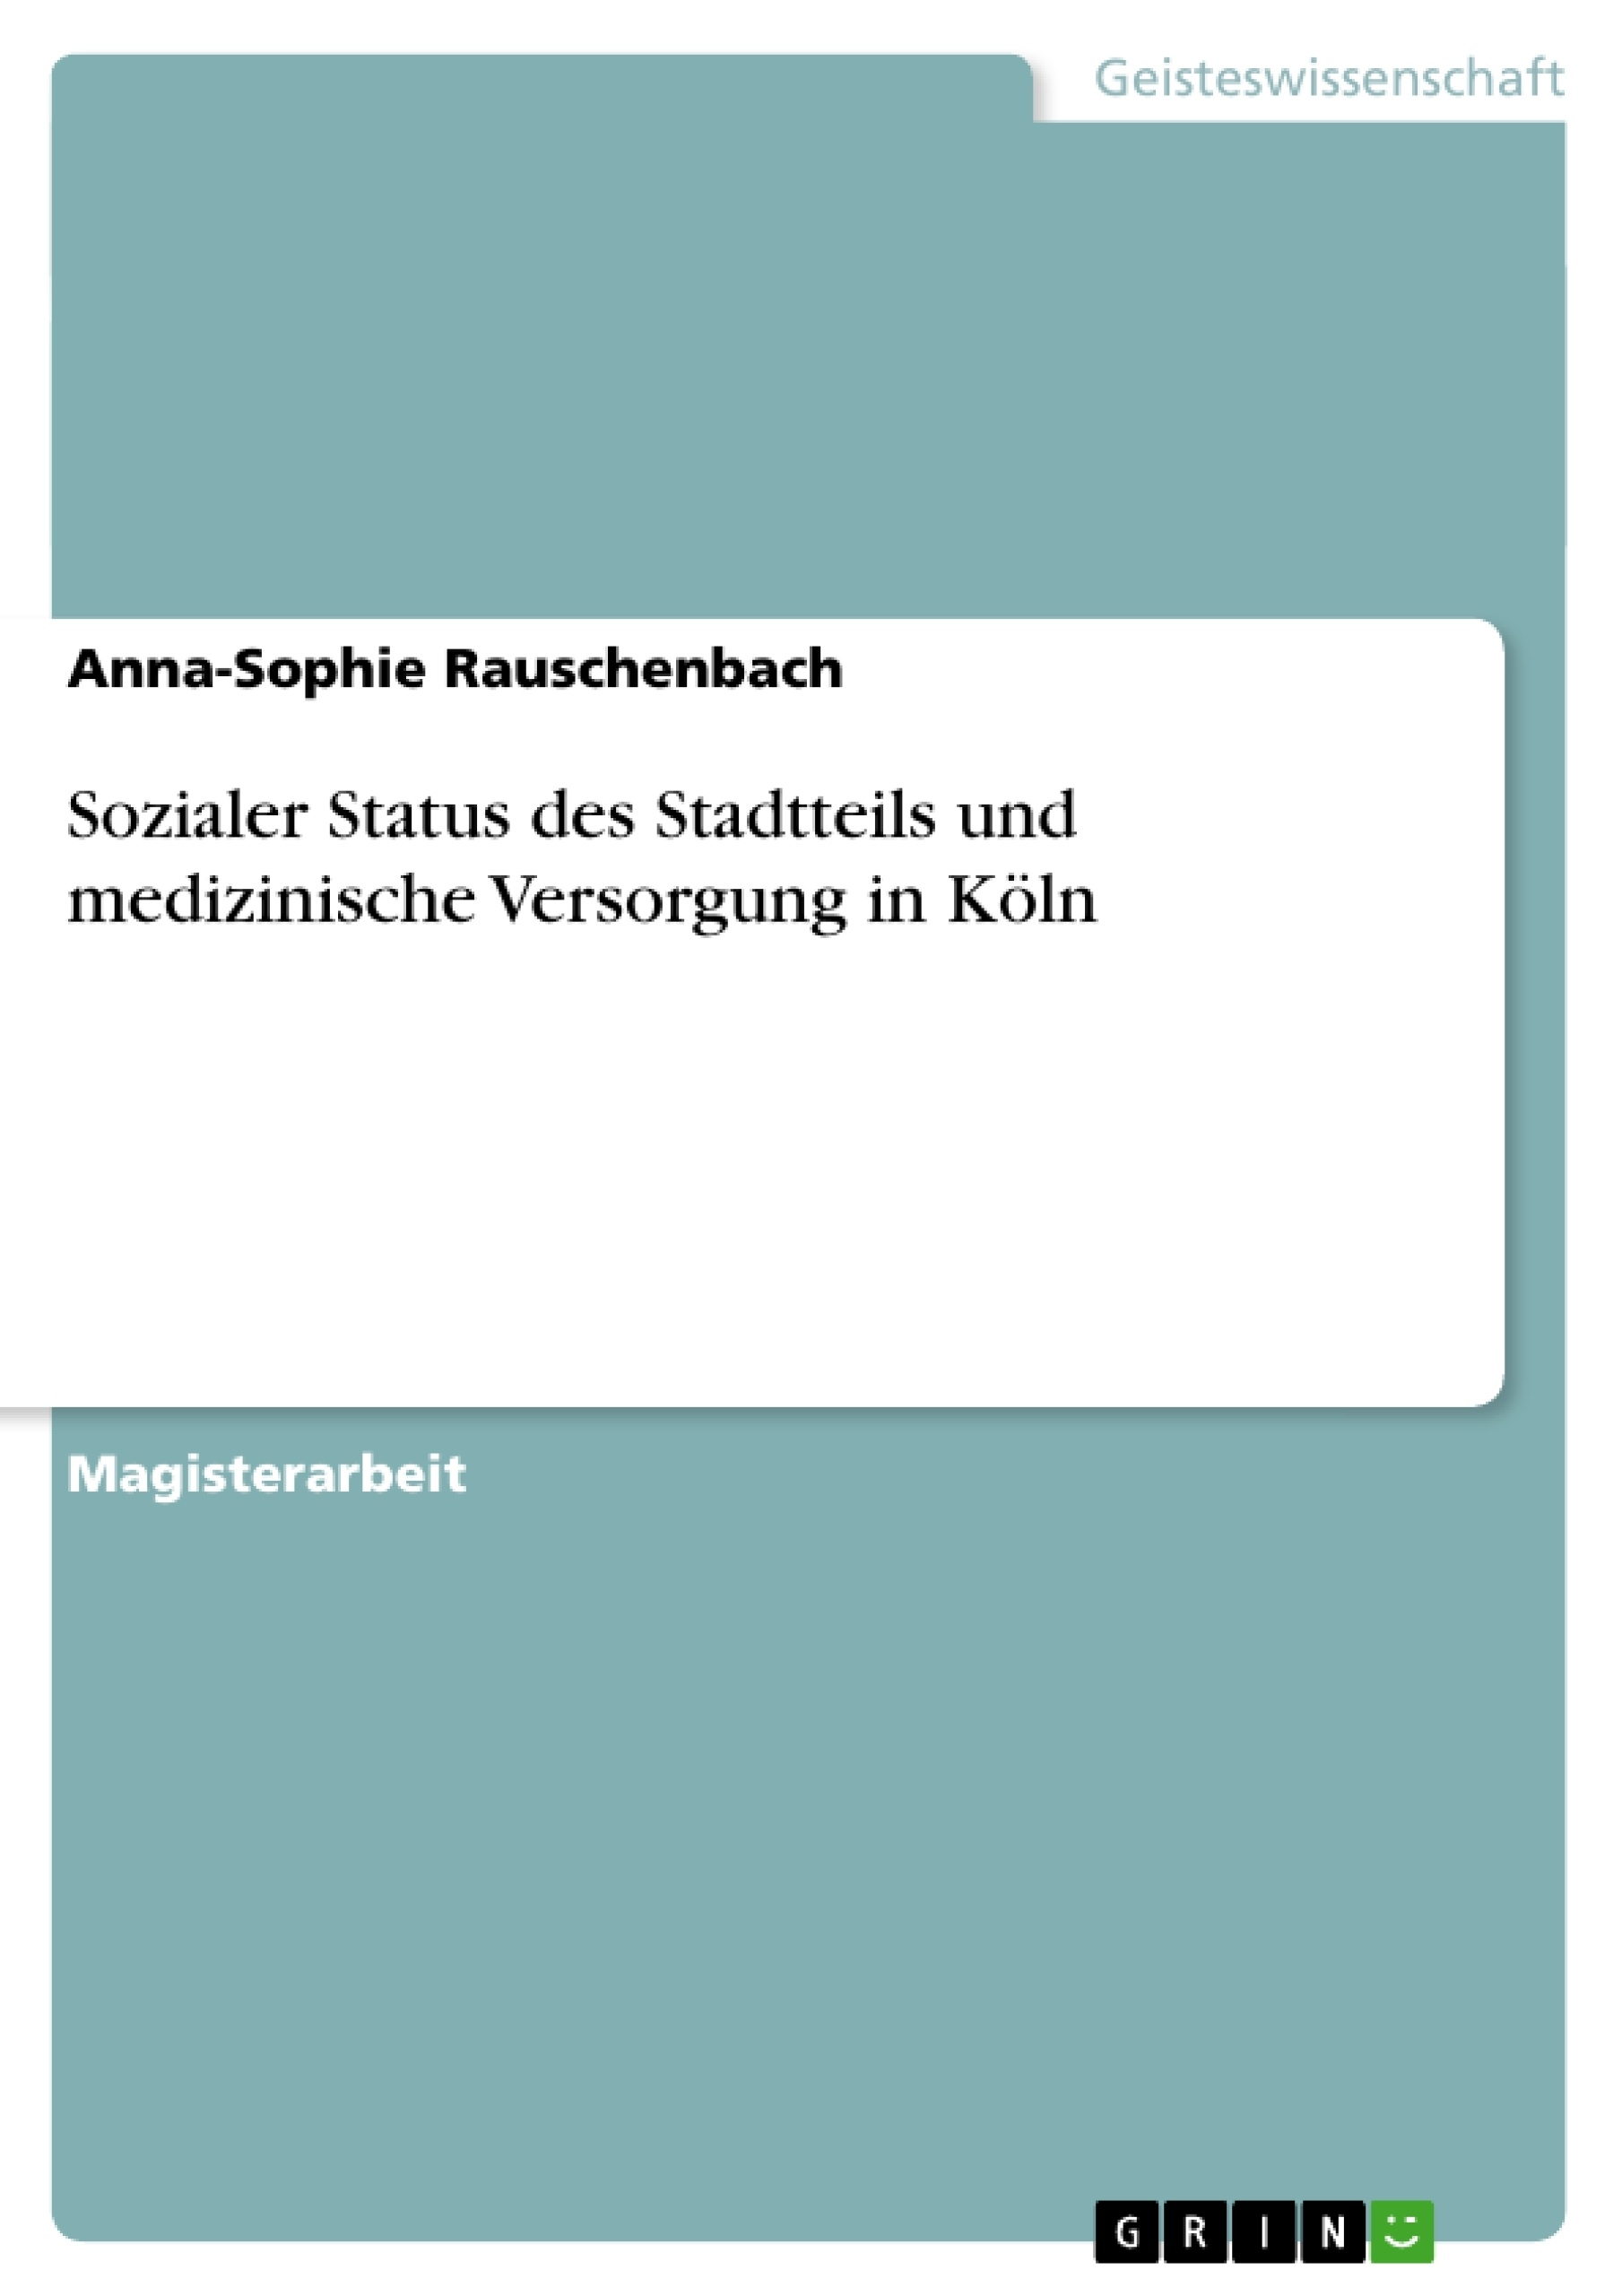 Titel: Sozialer Status des Stadtteils und medizinische Versorgung in Köln